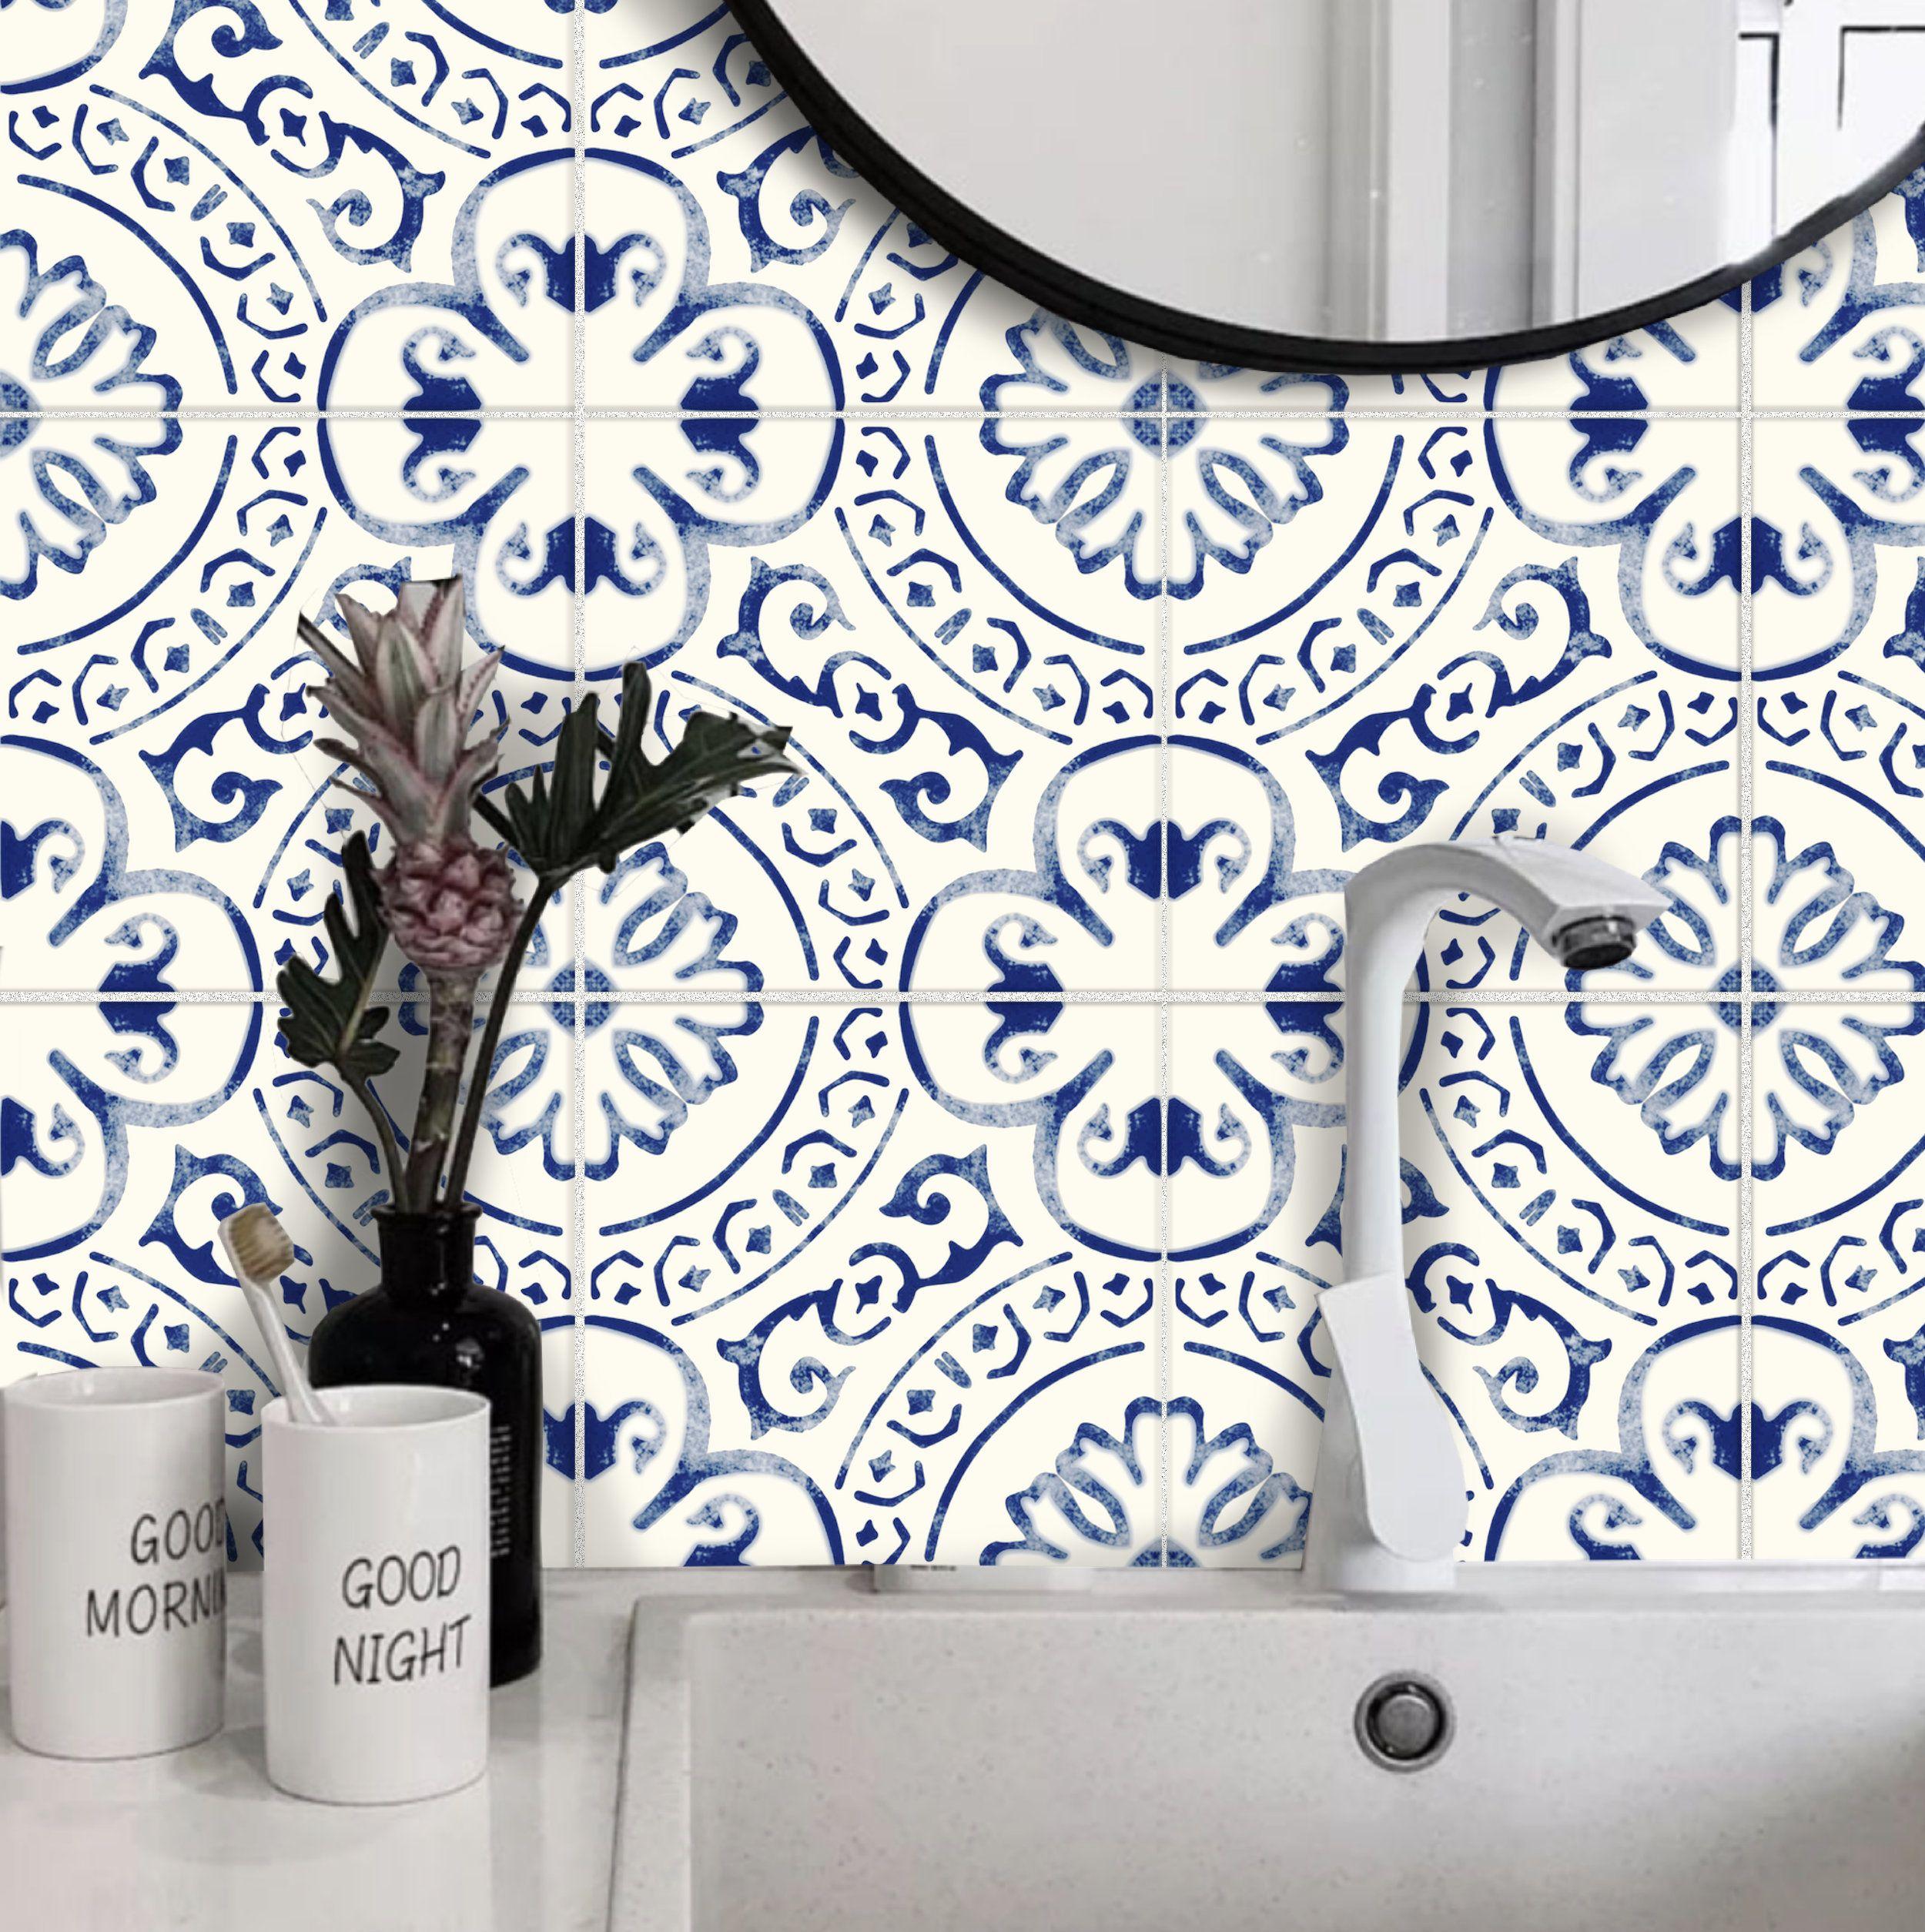 Tile Sticker Kitchen Bath Floor Wall Waterproof Removable Etsy In 2020 Tile Stickers Kitchen Wall Waterproofing Tile Decals